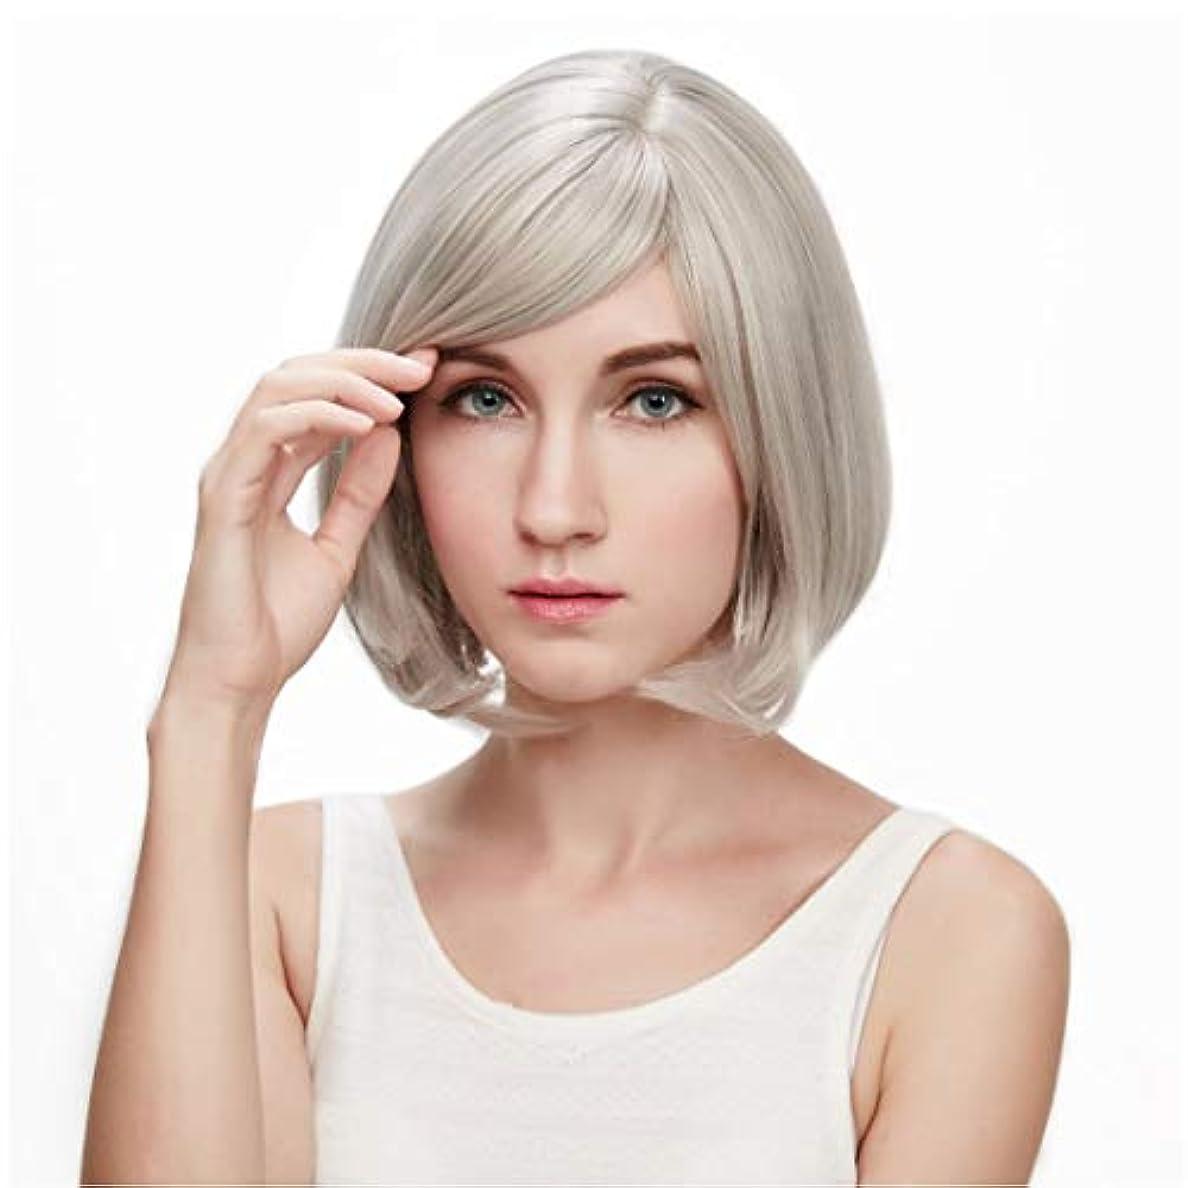 上向き内訳むちゃくちゃKerwinner 本物の髪として自然な女性のための平らな前髪の合成かつらとストレートショートボブの髪かつら